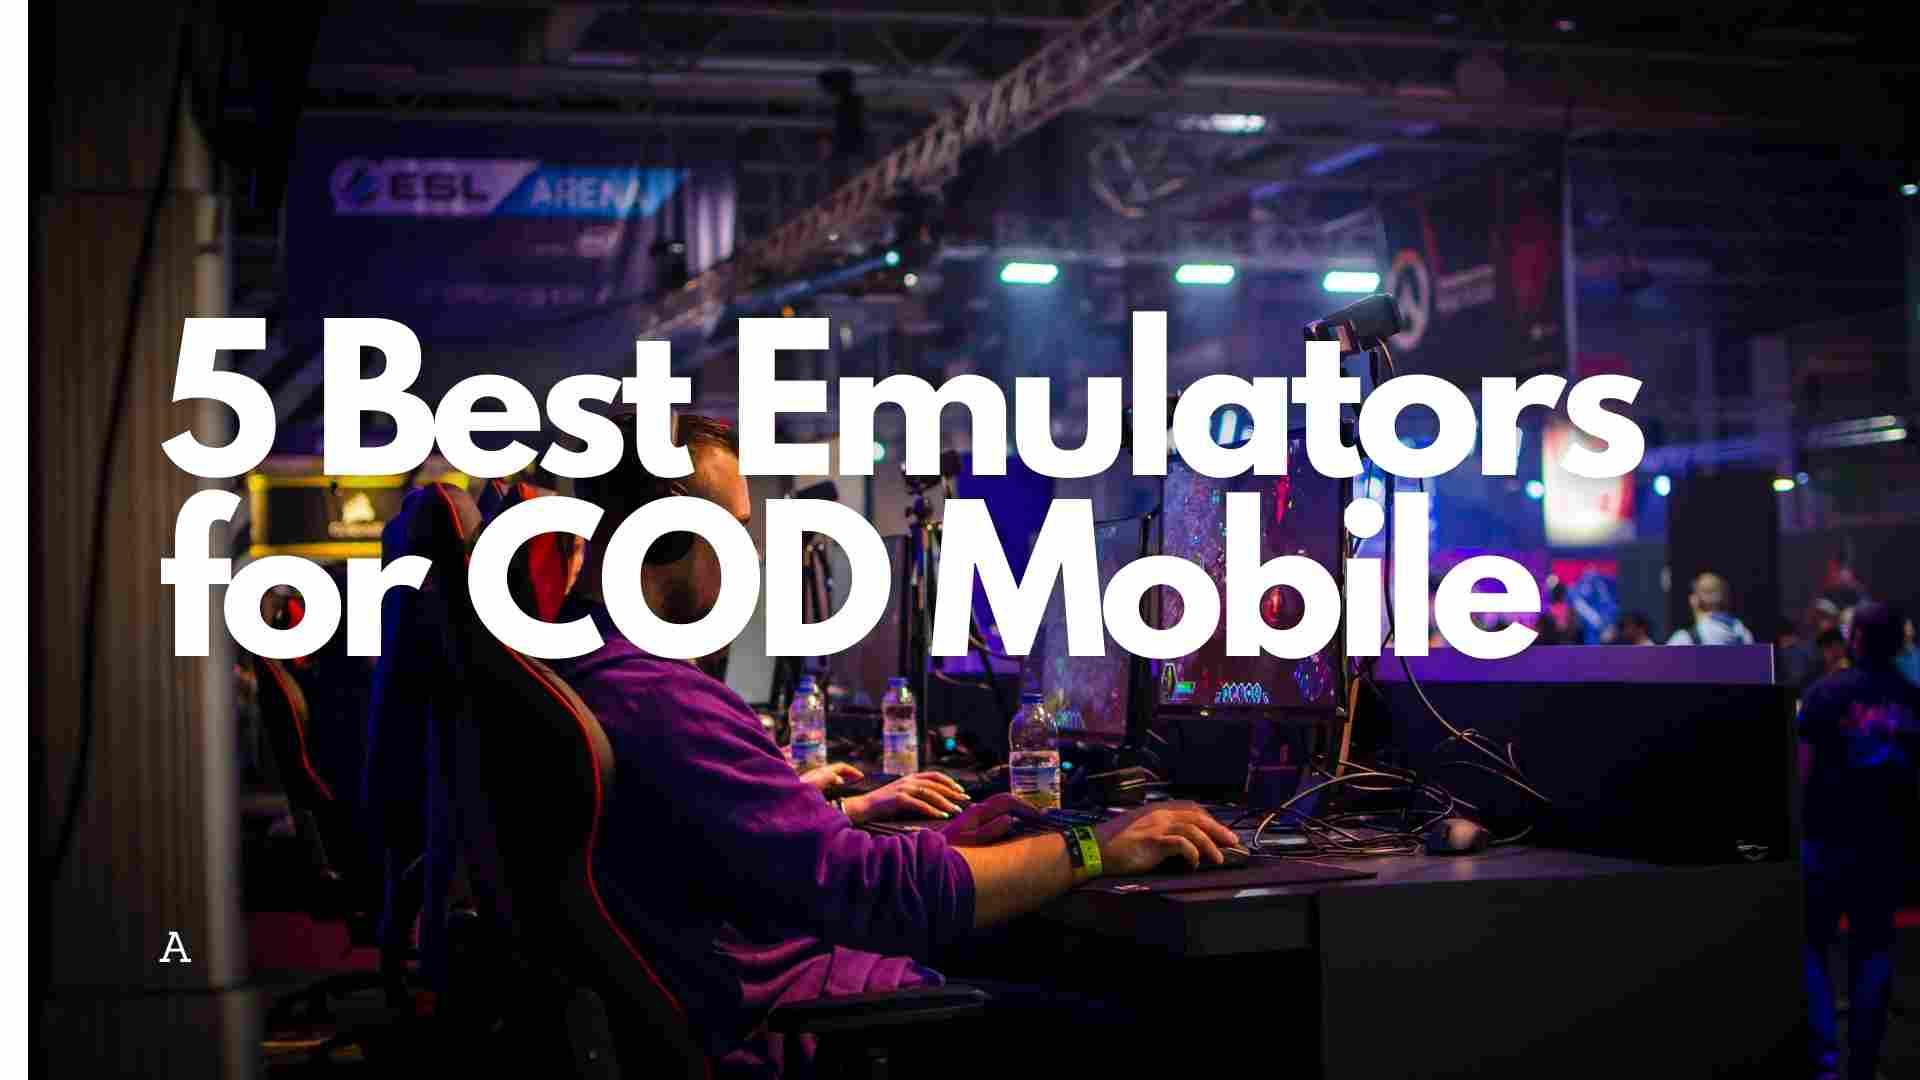 Best Emulators for COD Mobile